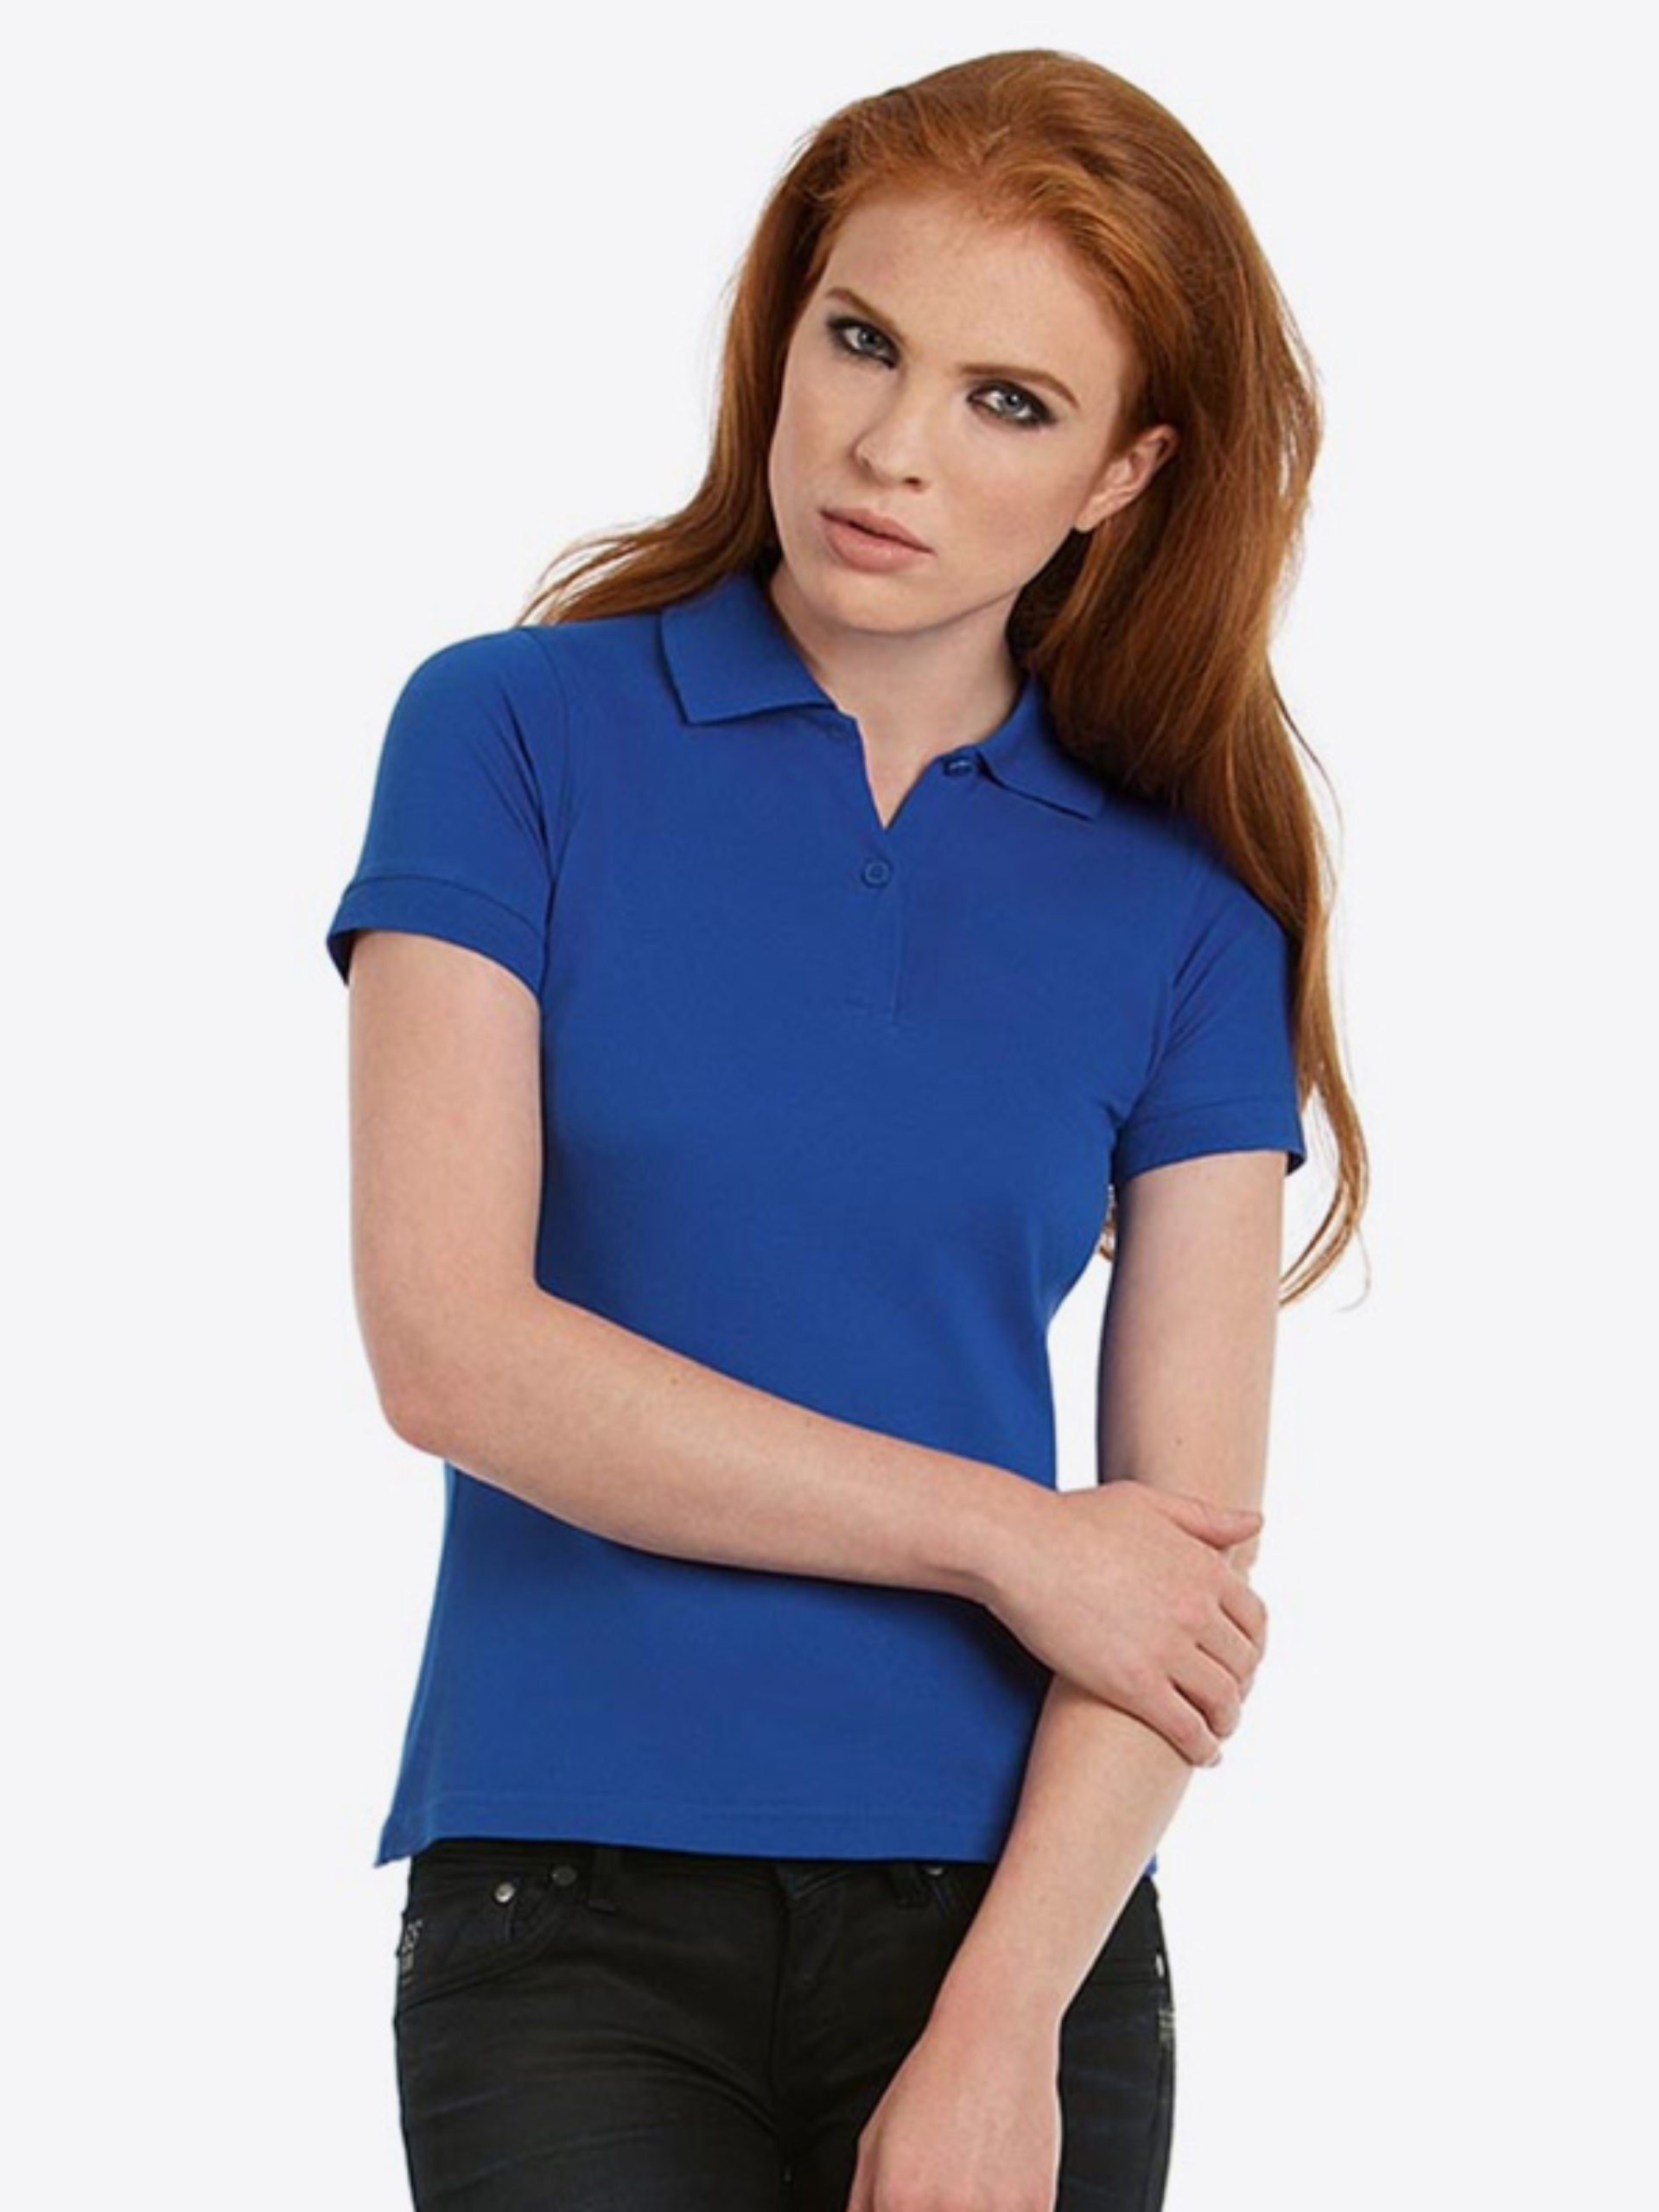 Damen Polo Shirt Bundc Safran Pw455